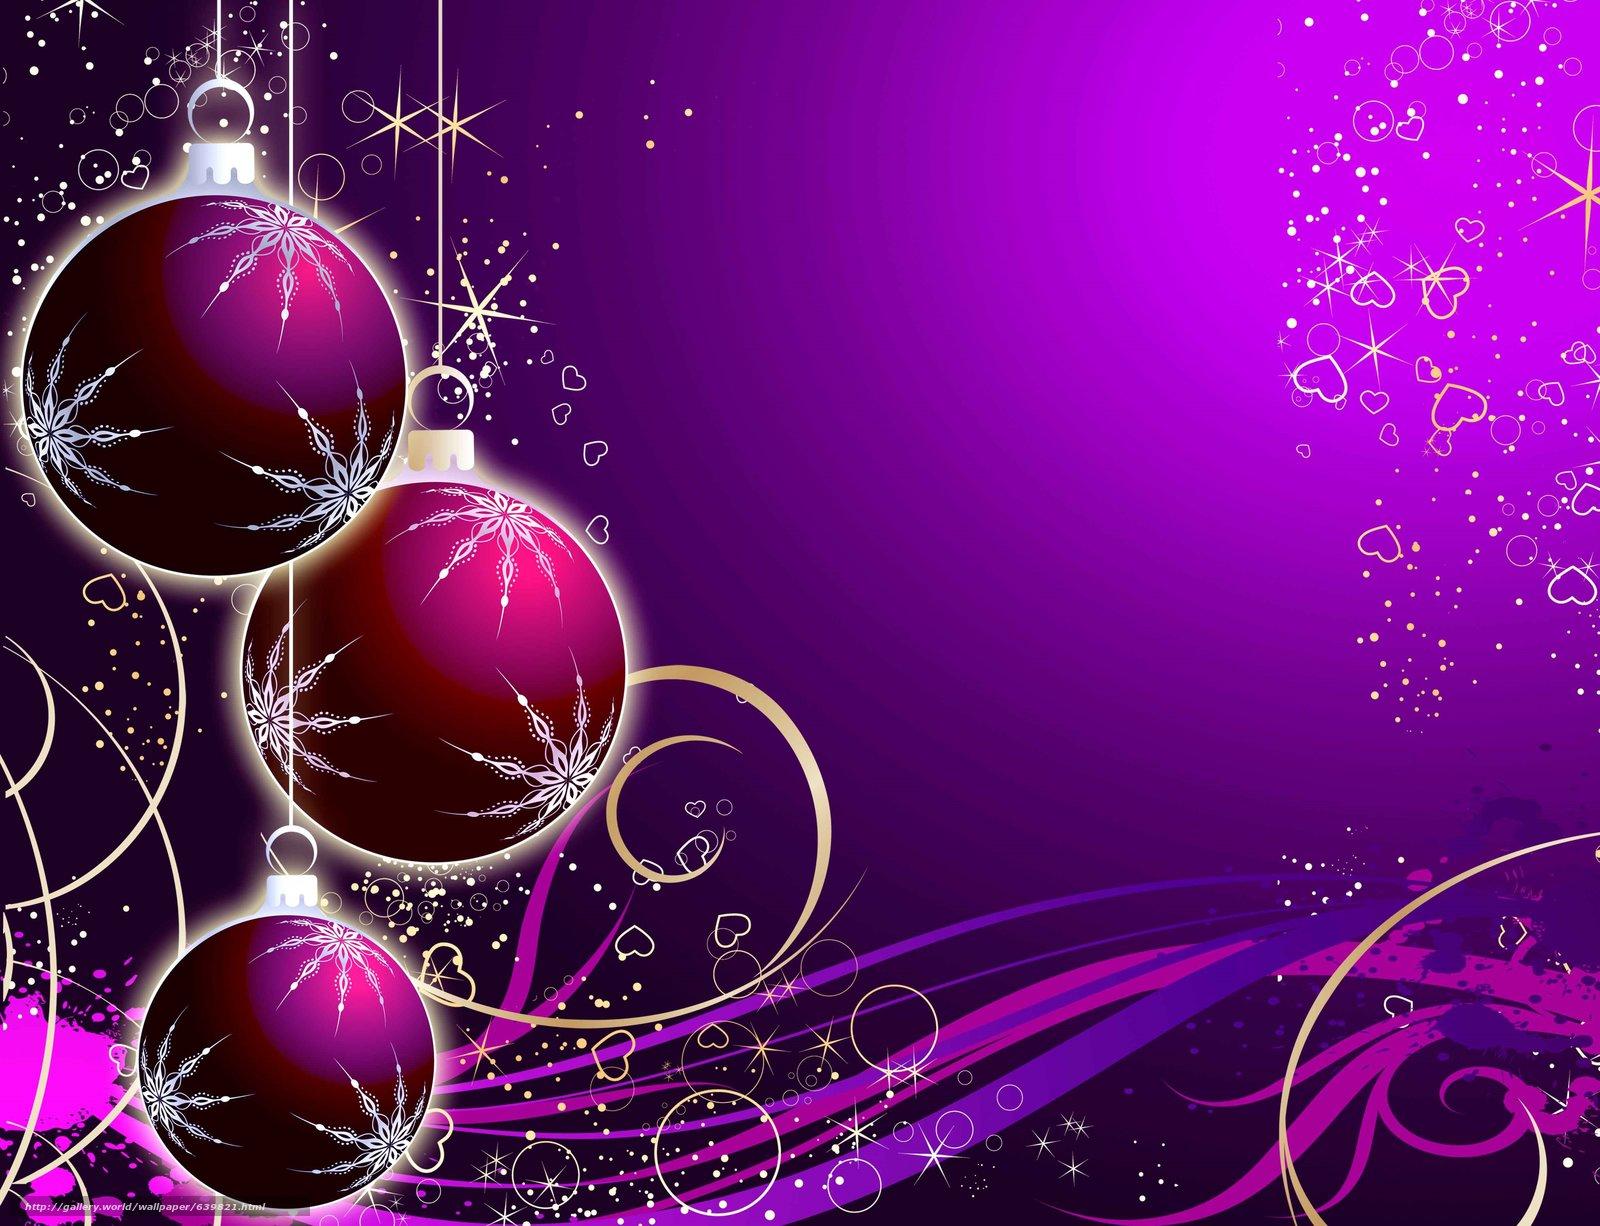 Шаблоны новогодних открыток в фотошопе